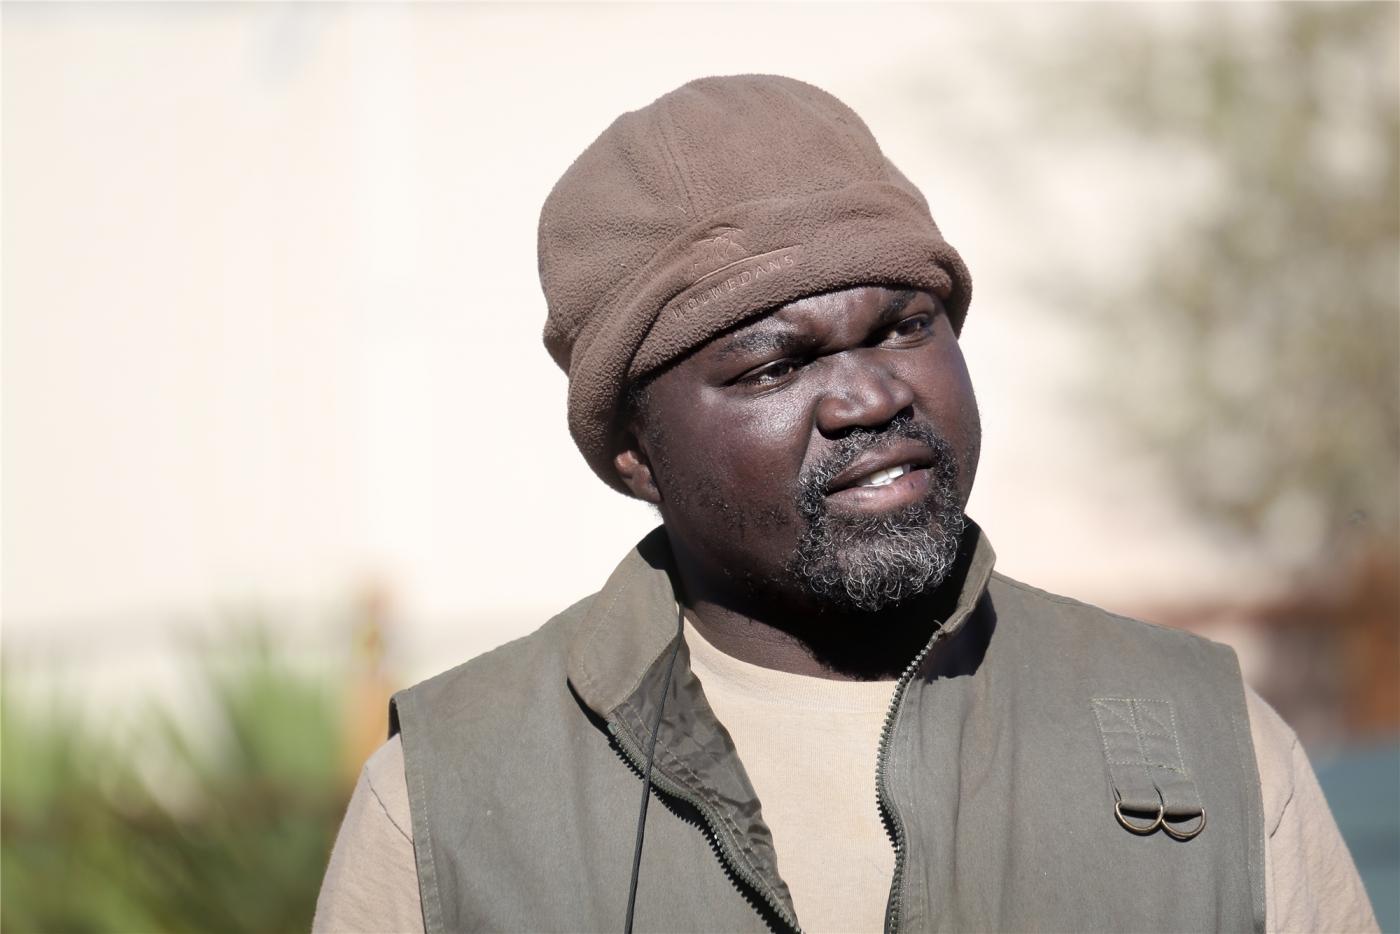 【原创实拍】黑色脸谱  ——行摄南部非洲(人像篇)_图1-32